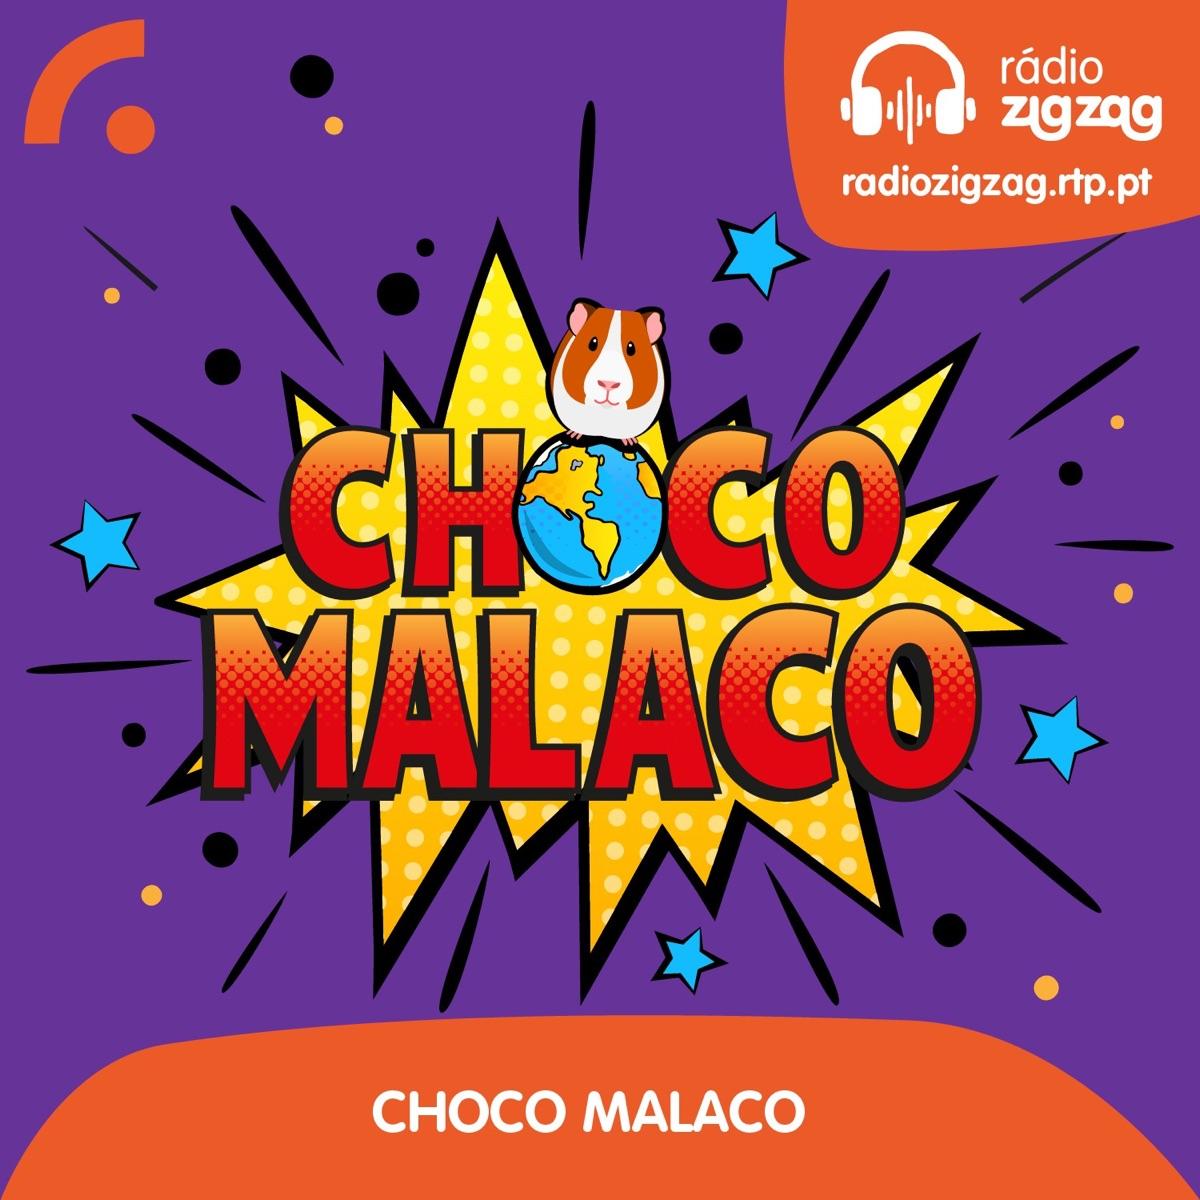 Choco Malaco